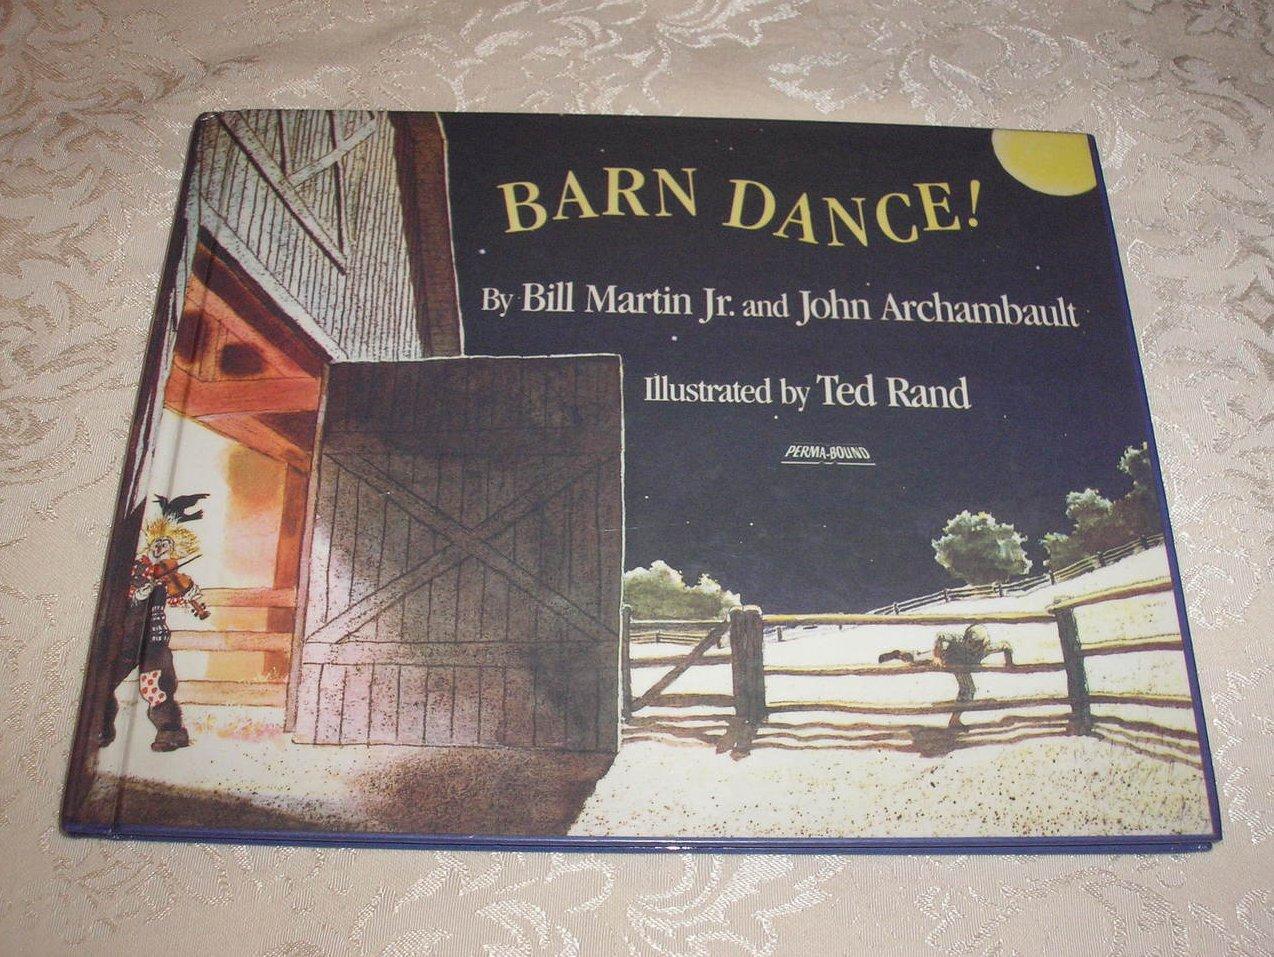 Barn Dance! Bill Martin Jr. & John Archambault good clean hc